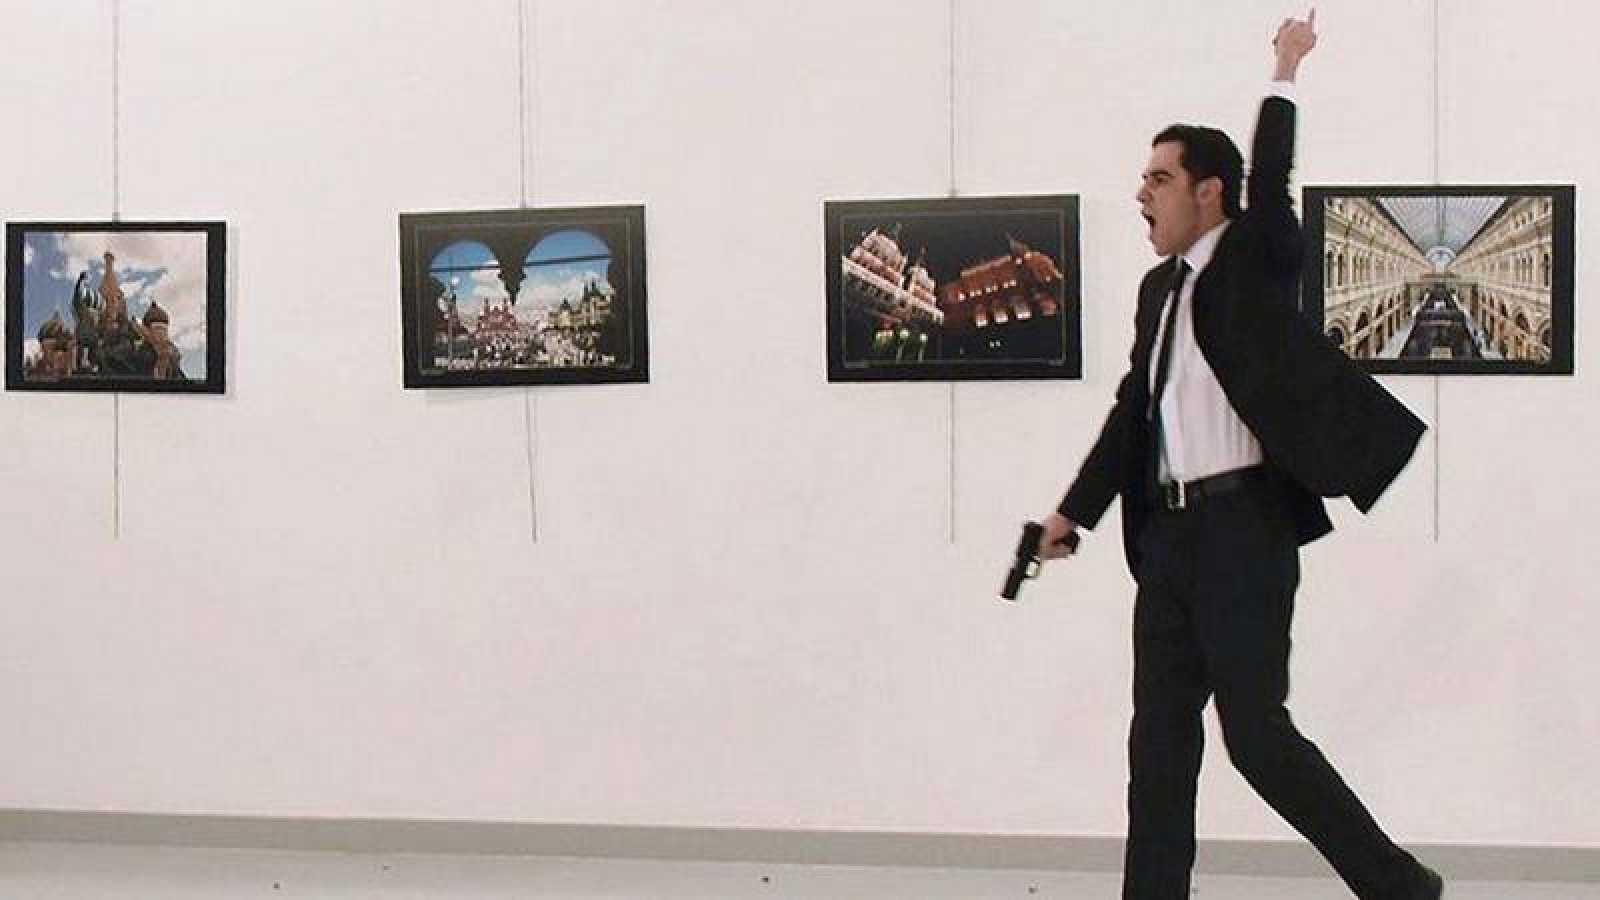 Mevlüt Mert Altintas clama venganza por Alepo y Siria tras matar al embajador ruso en Ankara.